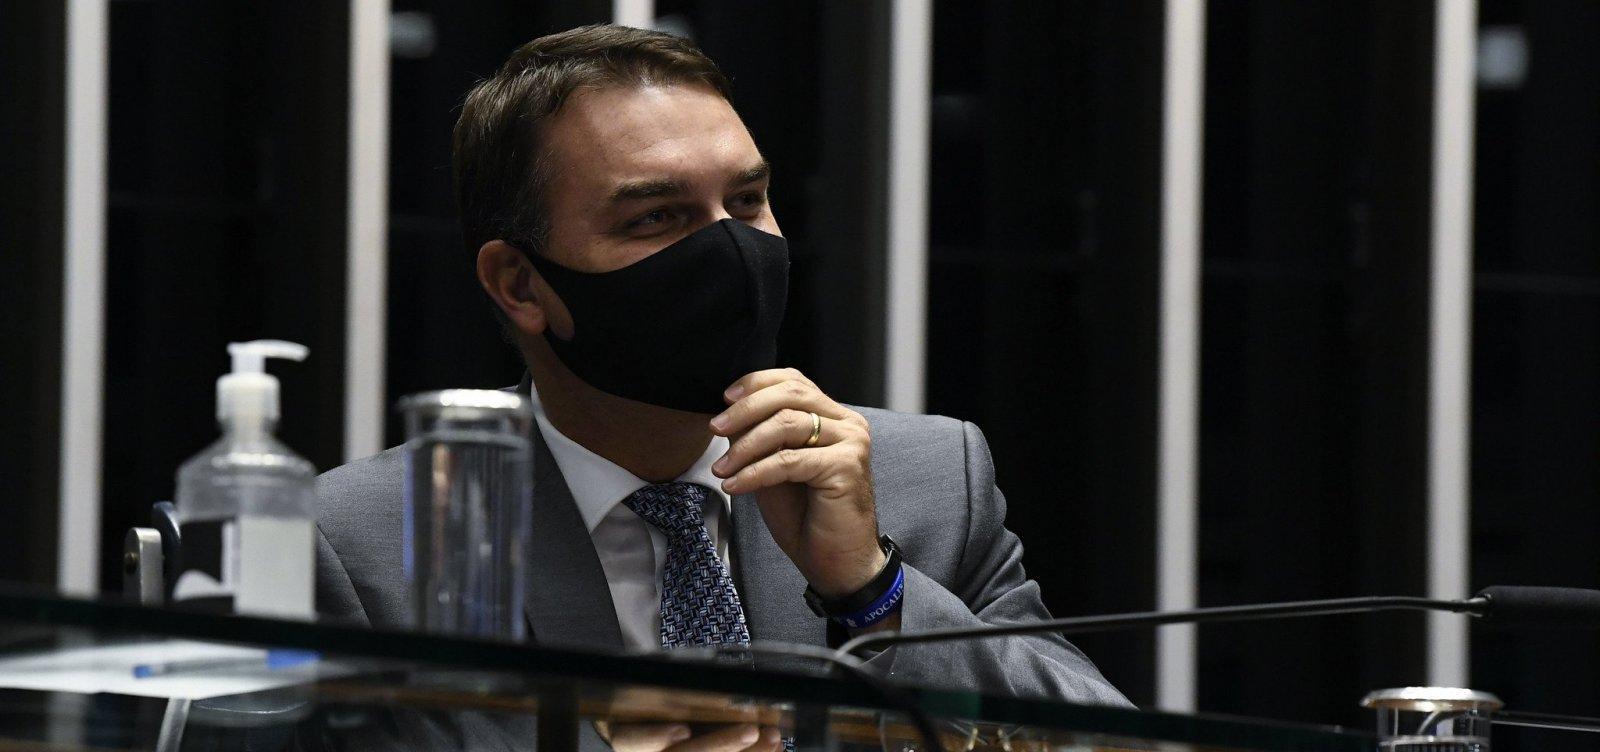 ['Esfera federal não tem nada a ver', declara Flávio Bolsonaro sobre crise em Manaus  ]